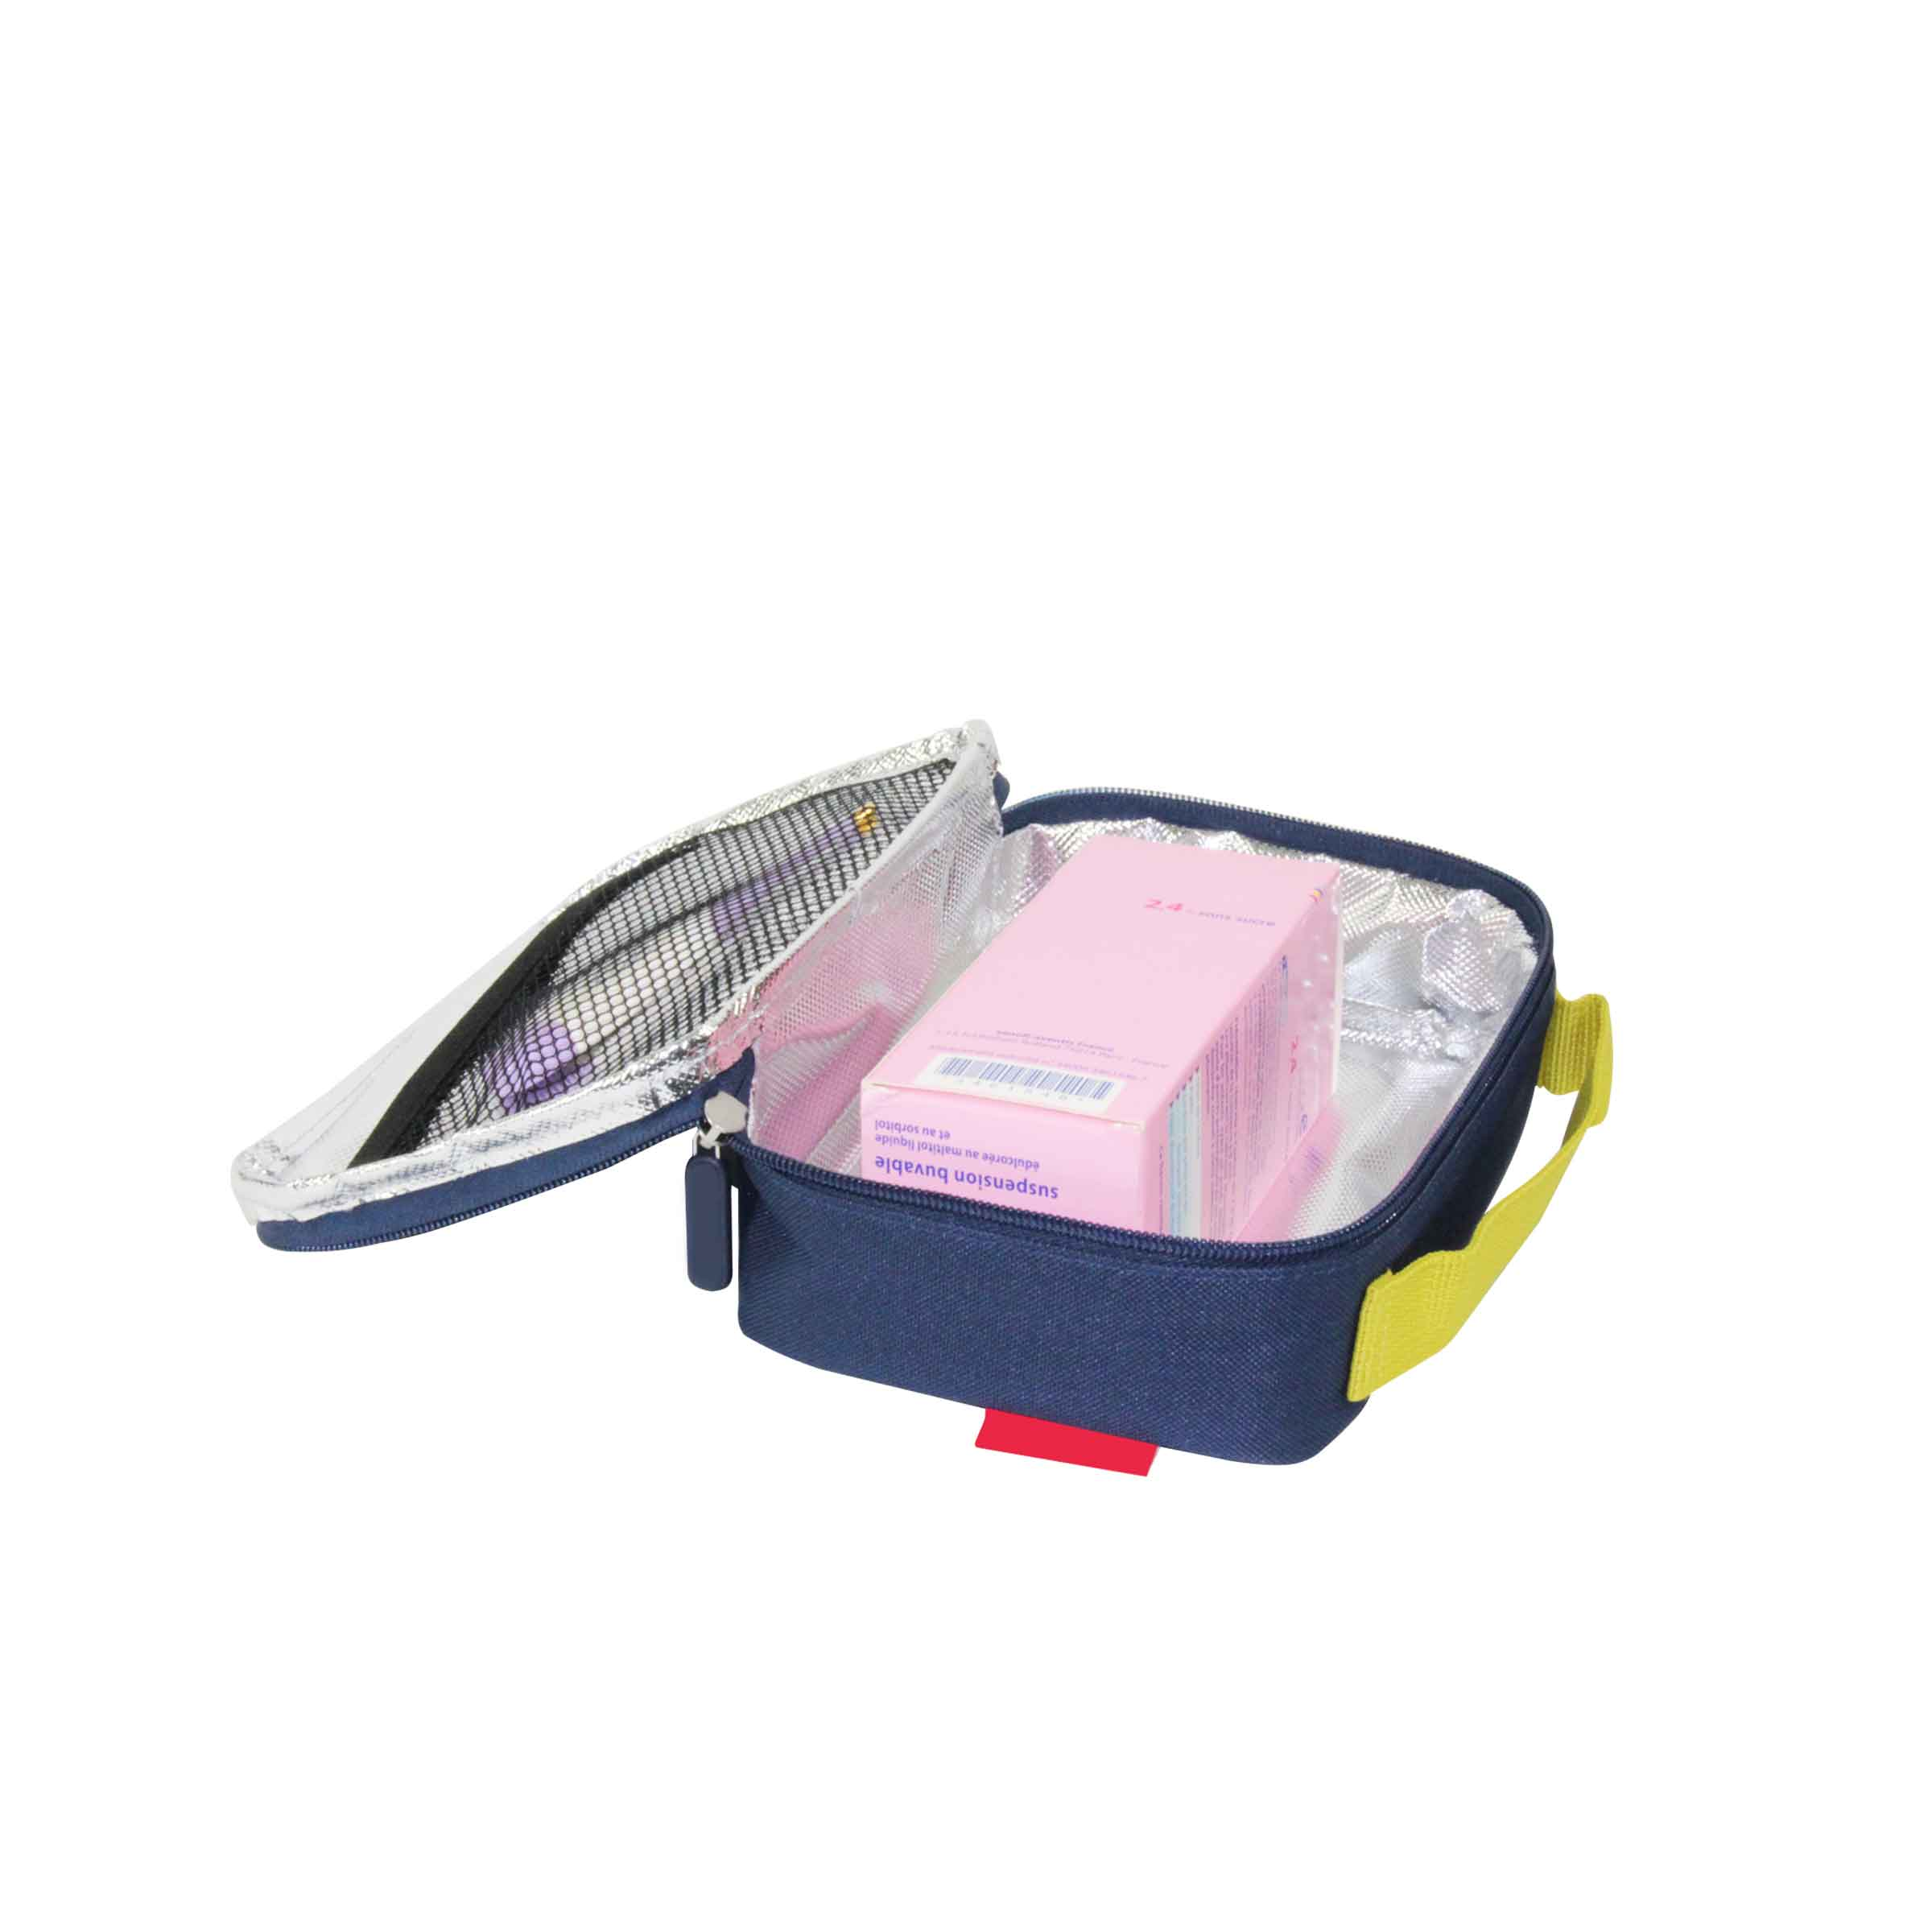 Trousse isotherme zippée en tissu bleu marine pour médicaments et crèmes saolaires